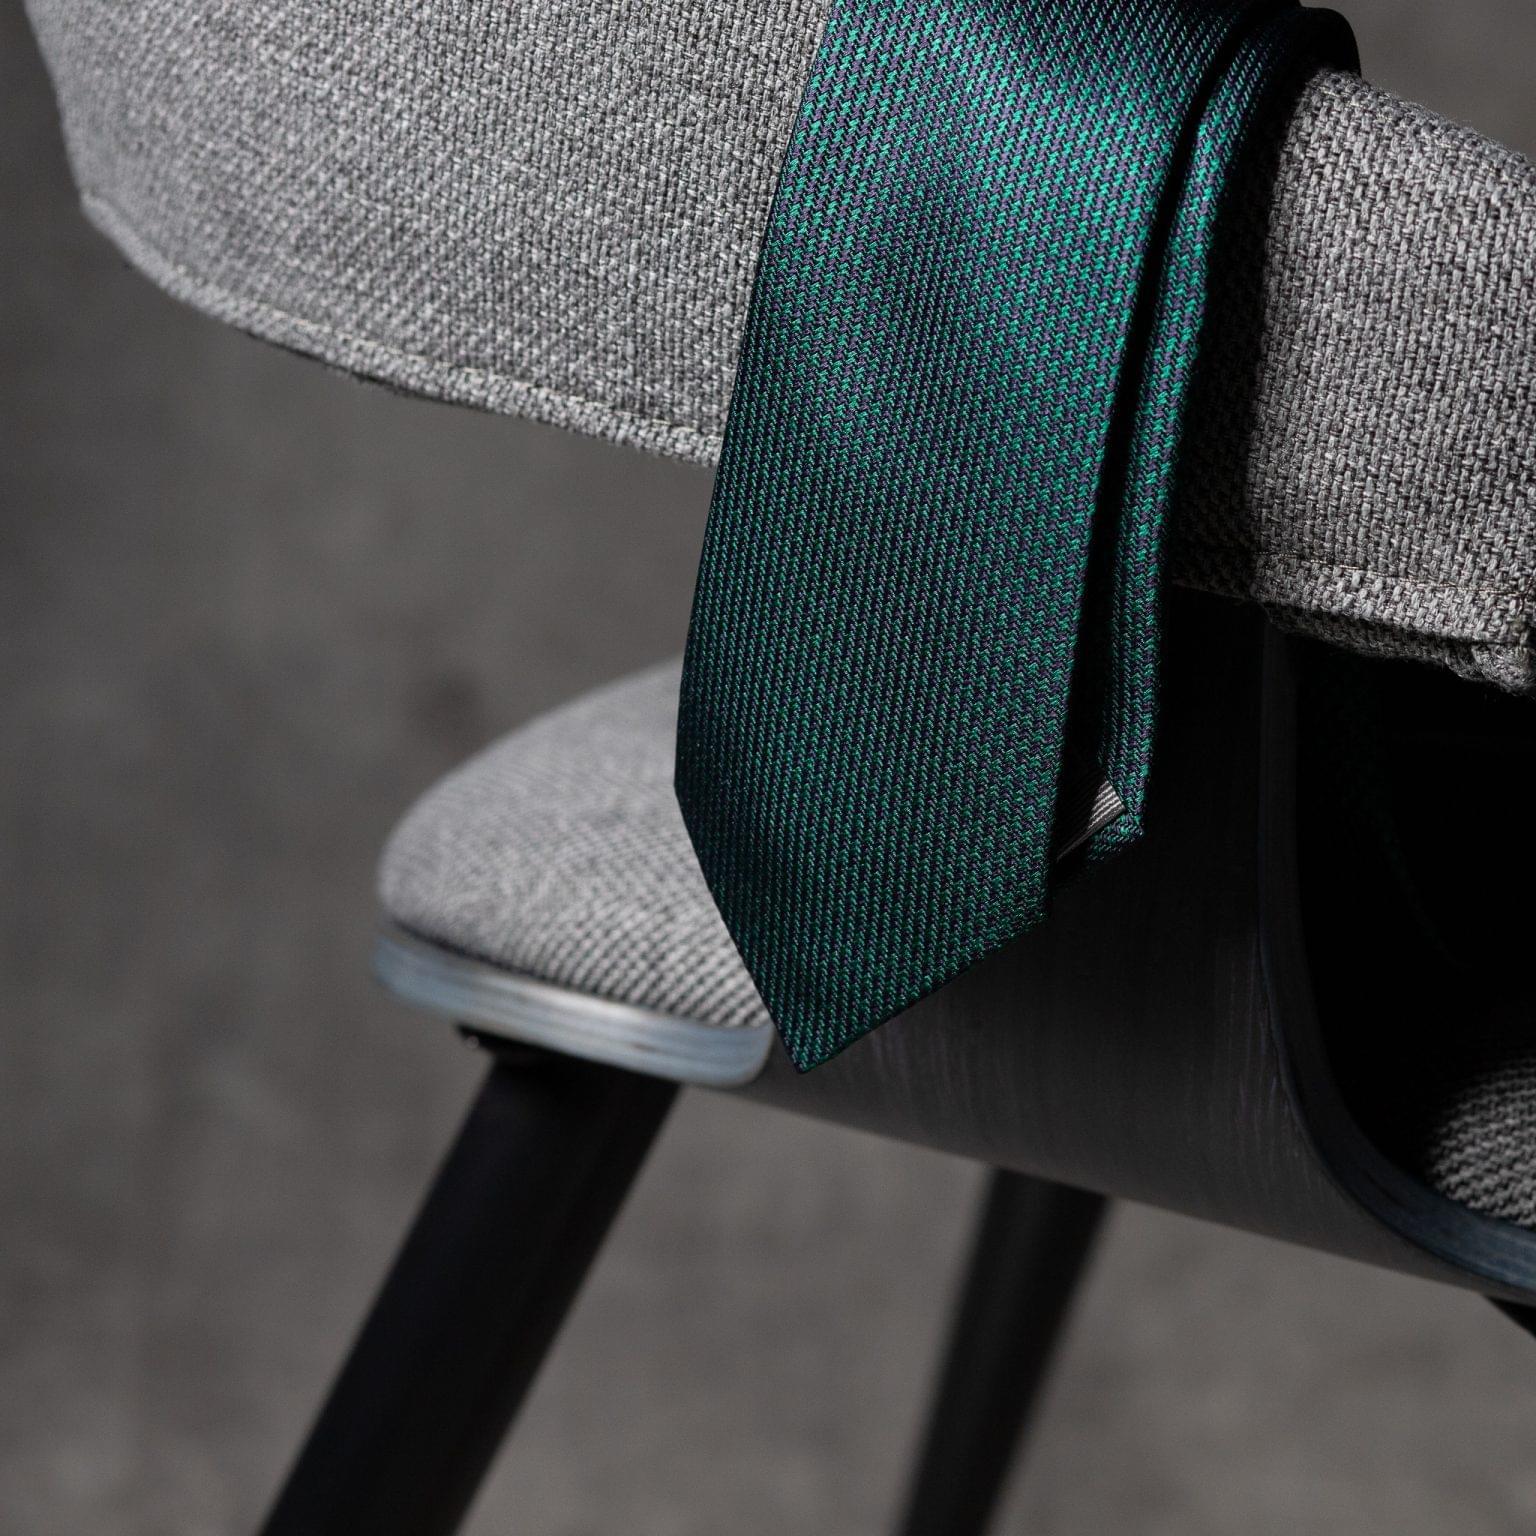 JACQUARD-0540-Tie-Initials-Corbata-Iniciales-The-Seelk-2